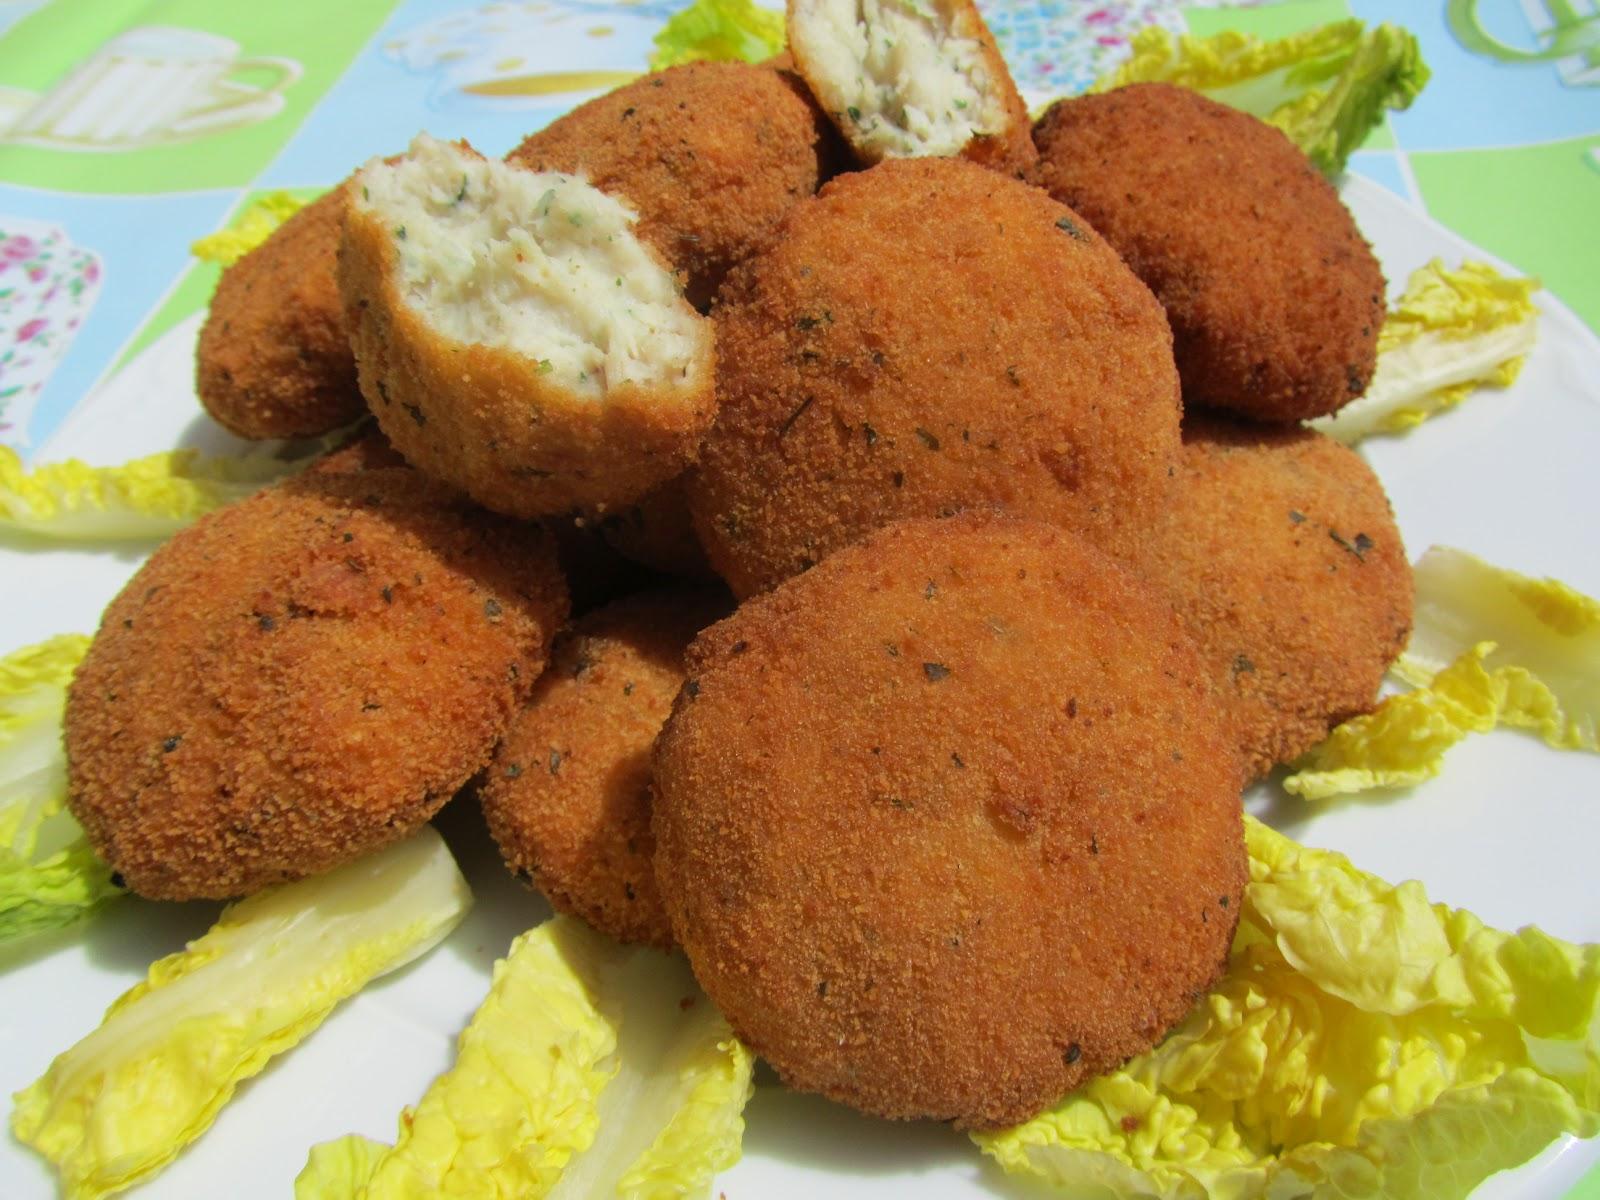 Delicias de pollo (nuggets)